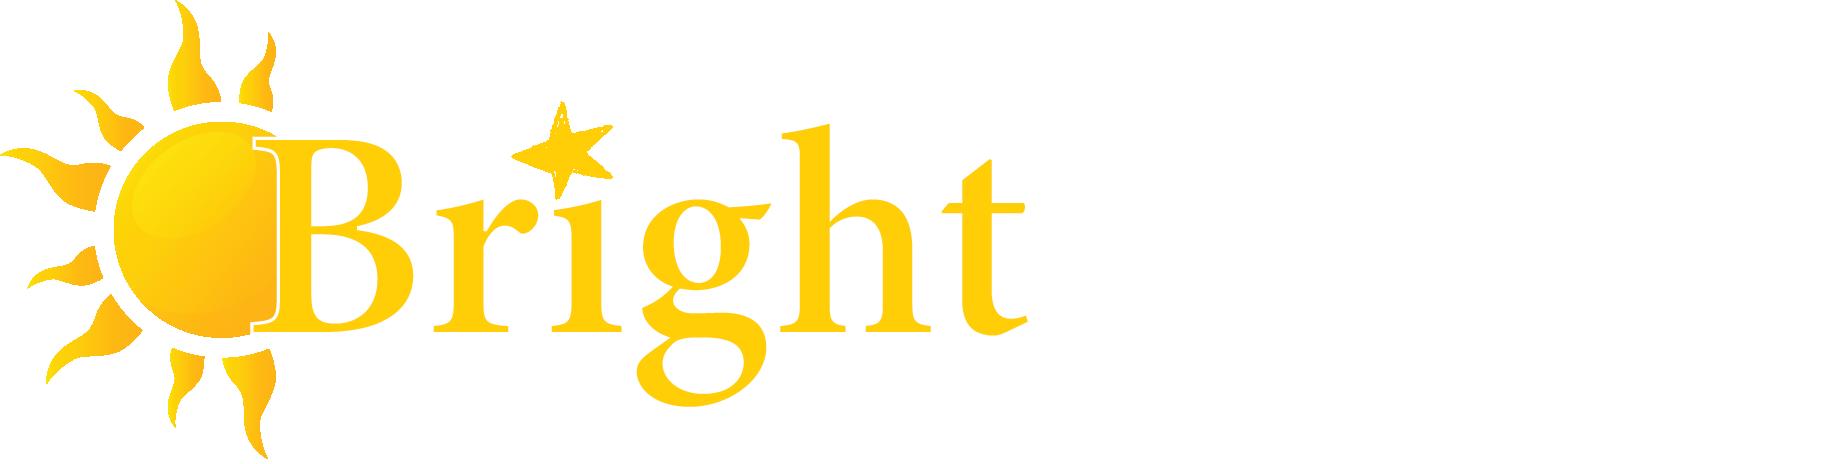 Bright Futures Child Care